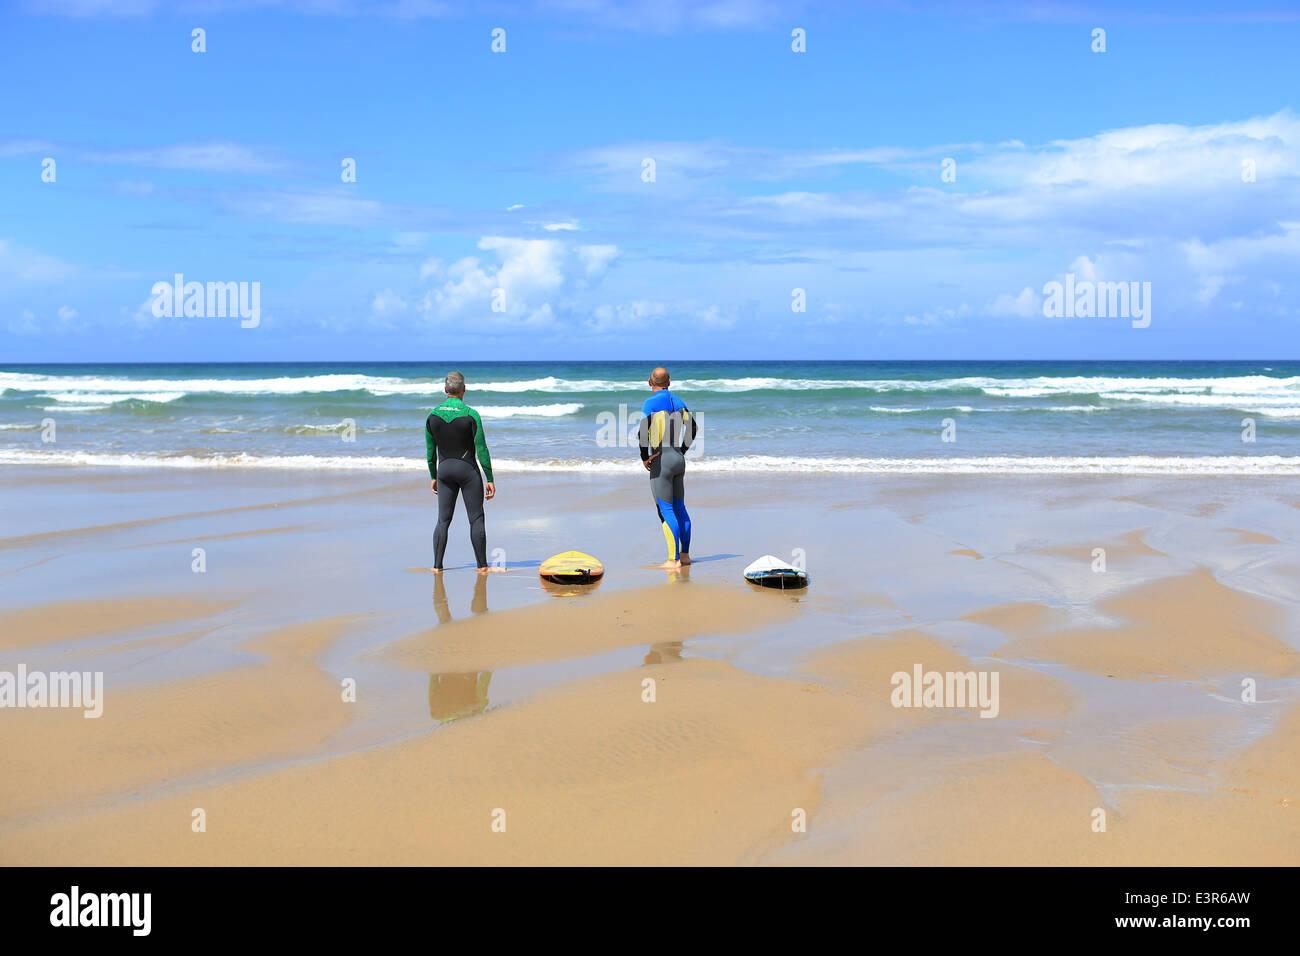 Argento surfisti, due uomini di mezza età con tavole da surf su una spiaggia deserta in una giornata di sole Immagini Stock